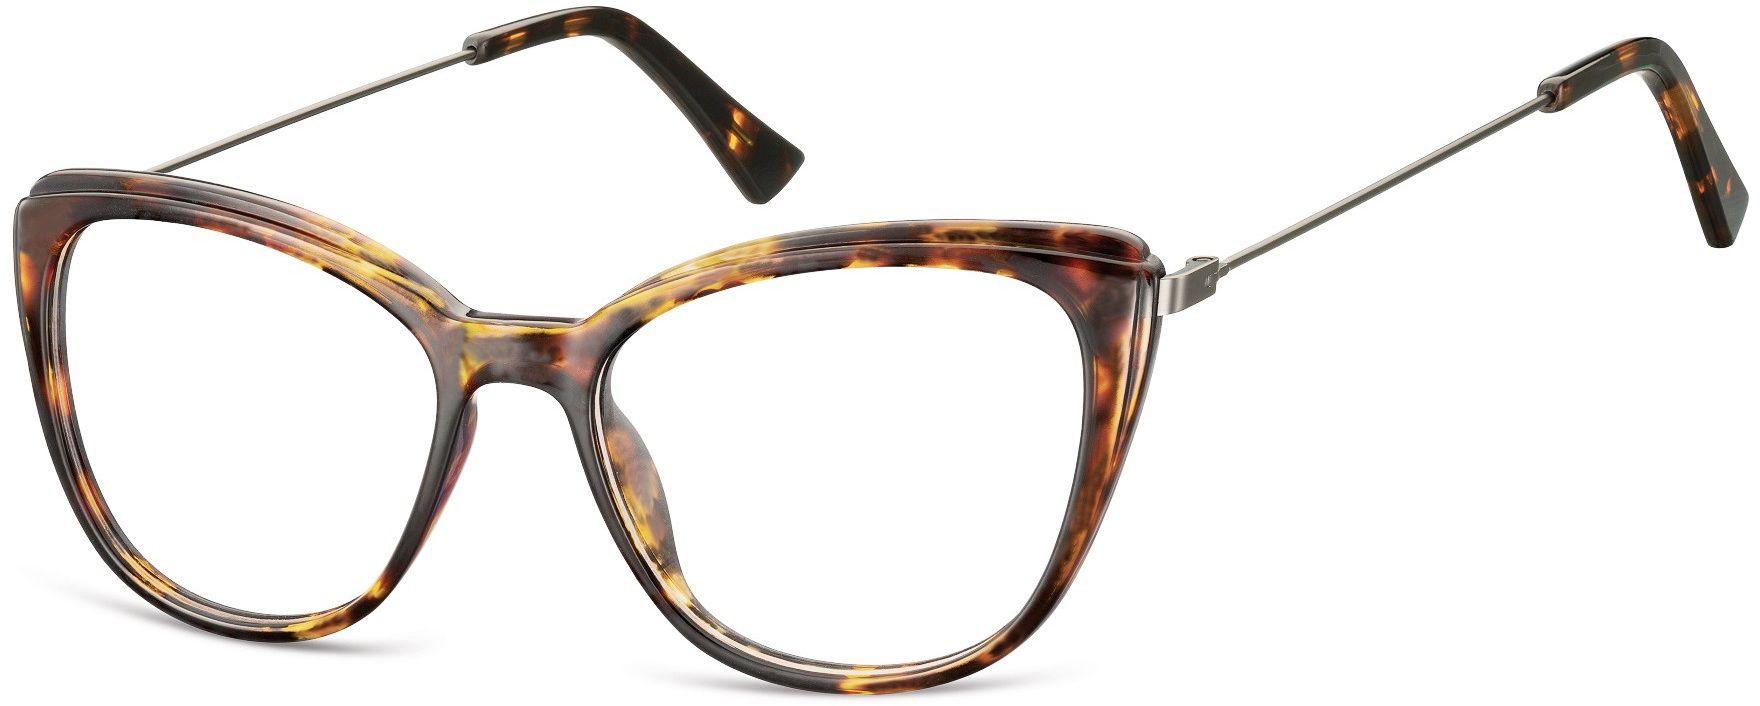 Oprawki korekcyjne okulary Kocie Oczy zerówki damskie CP121D szylkret